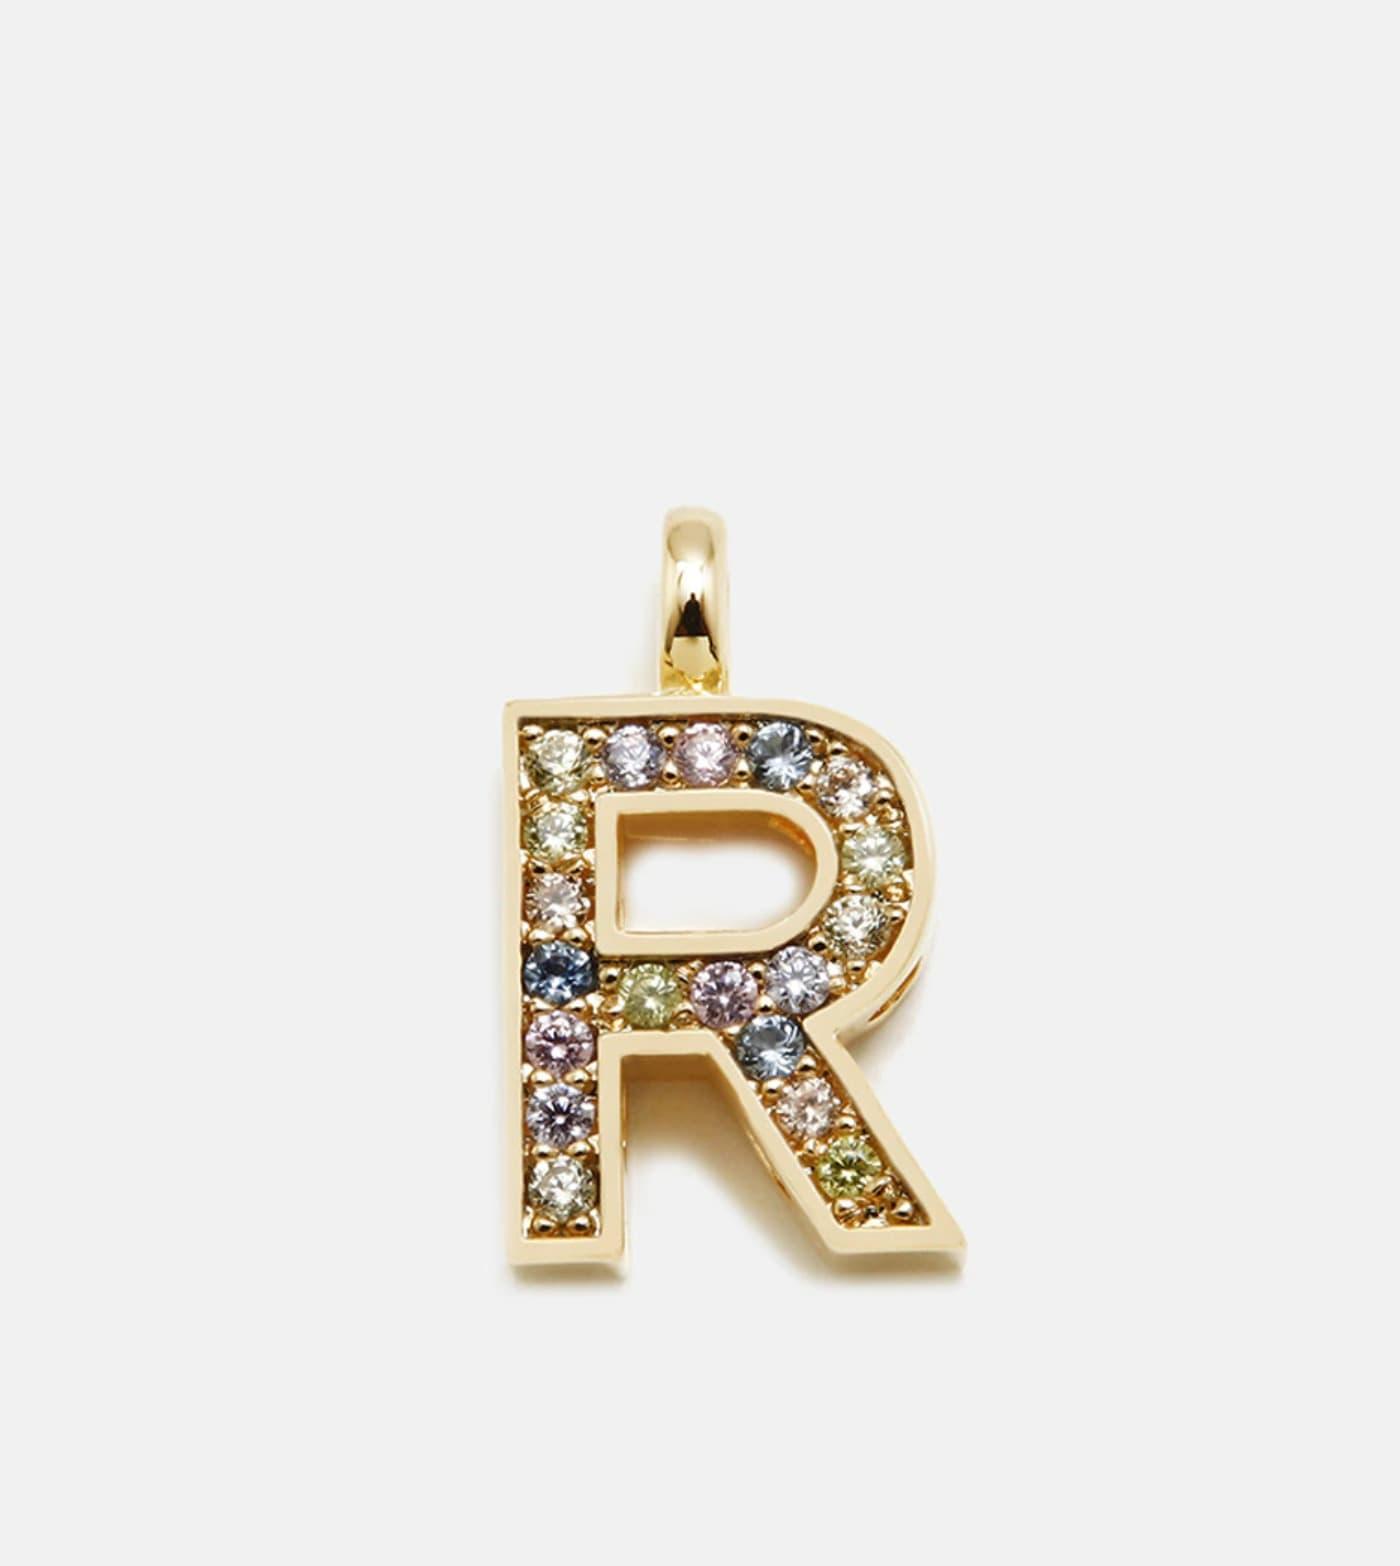 Colgante Pertegaz Inciales Letra R dorado